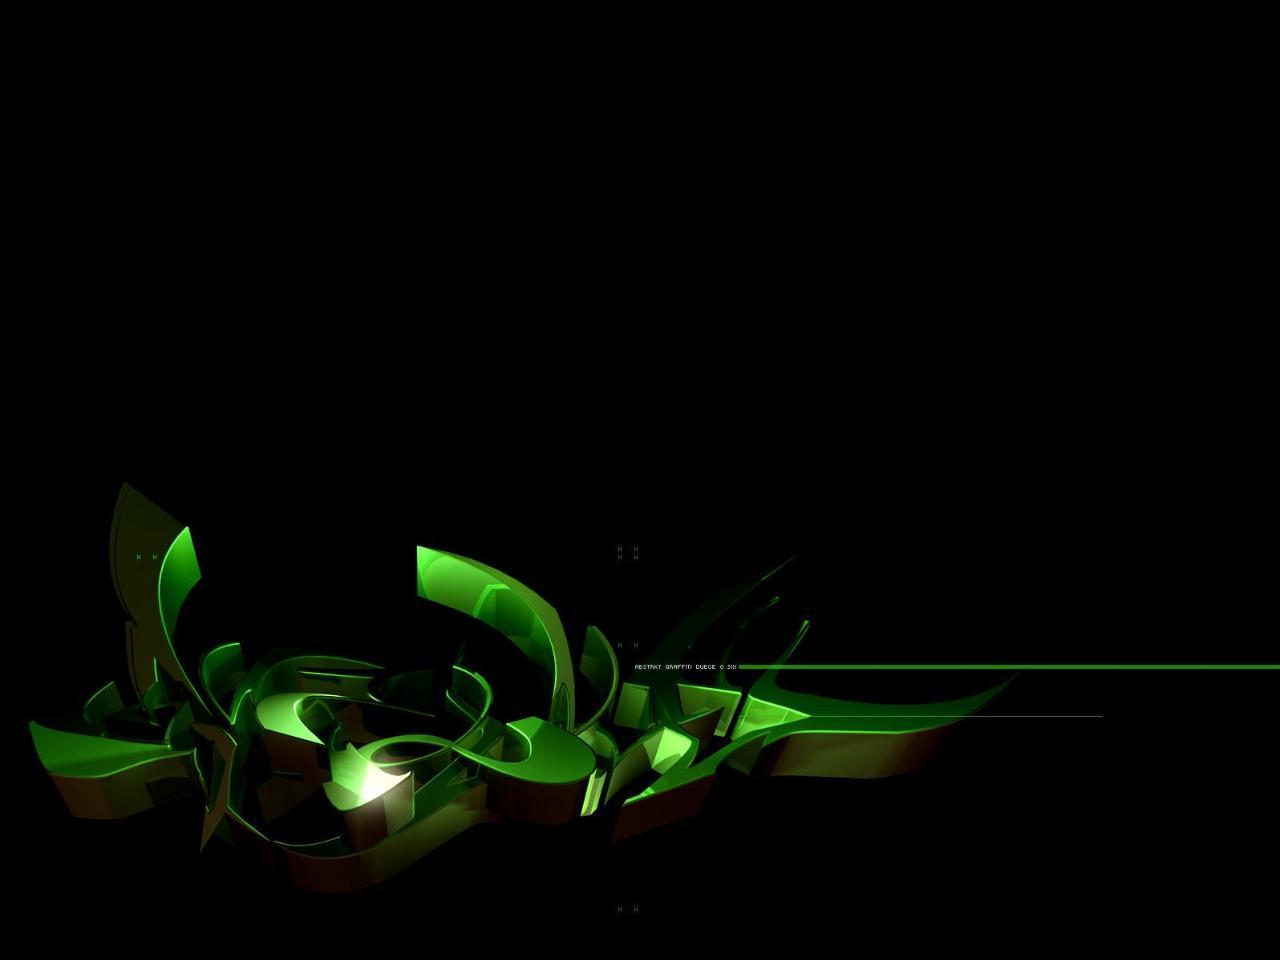 3D green in black graffiti wallpaper 1280x960